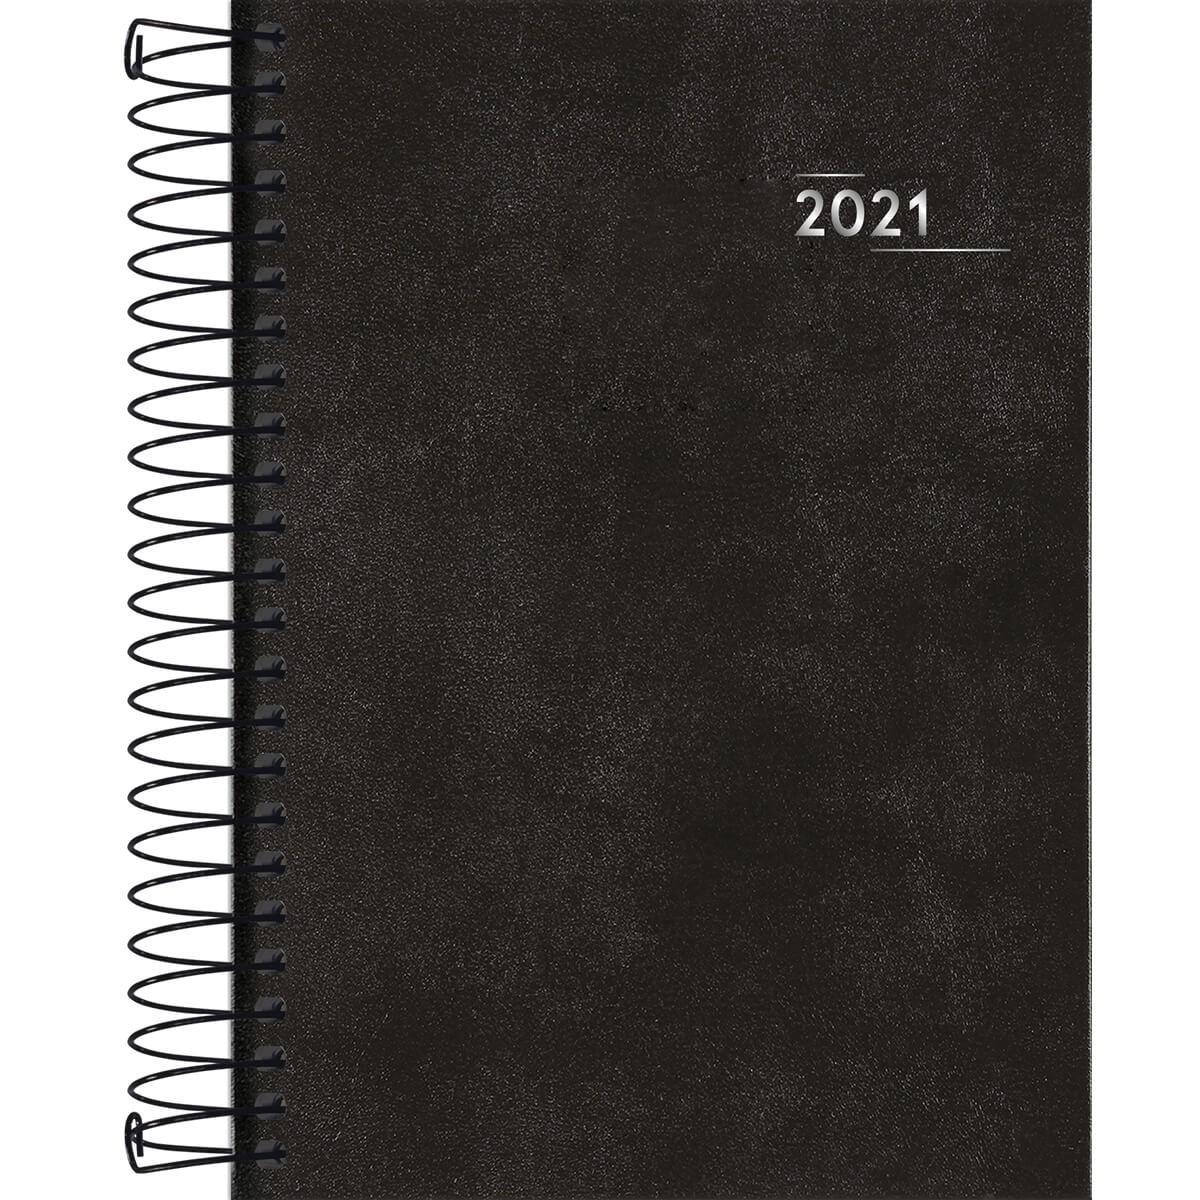 Agenda Executiva Espiral Diária Napoli 2021